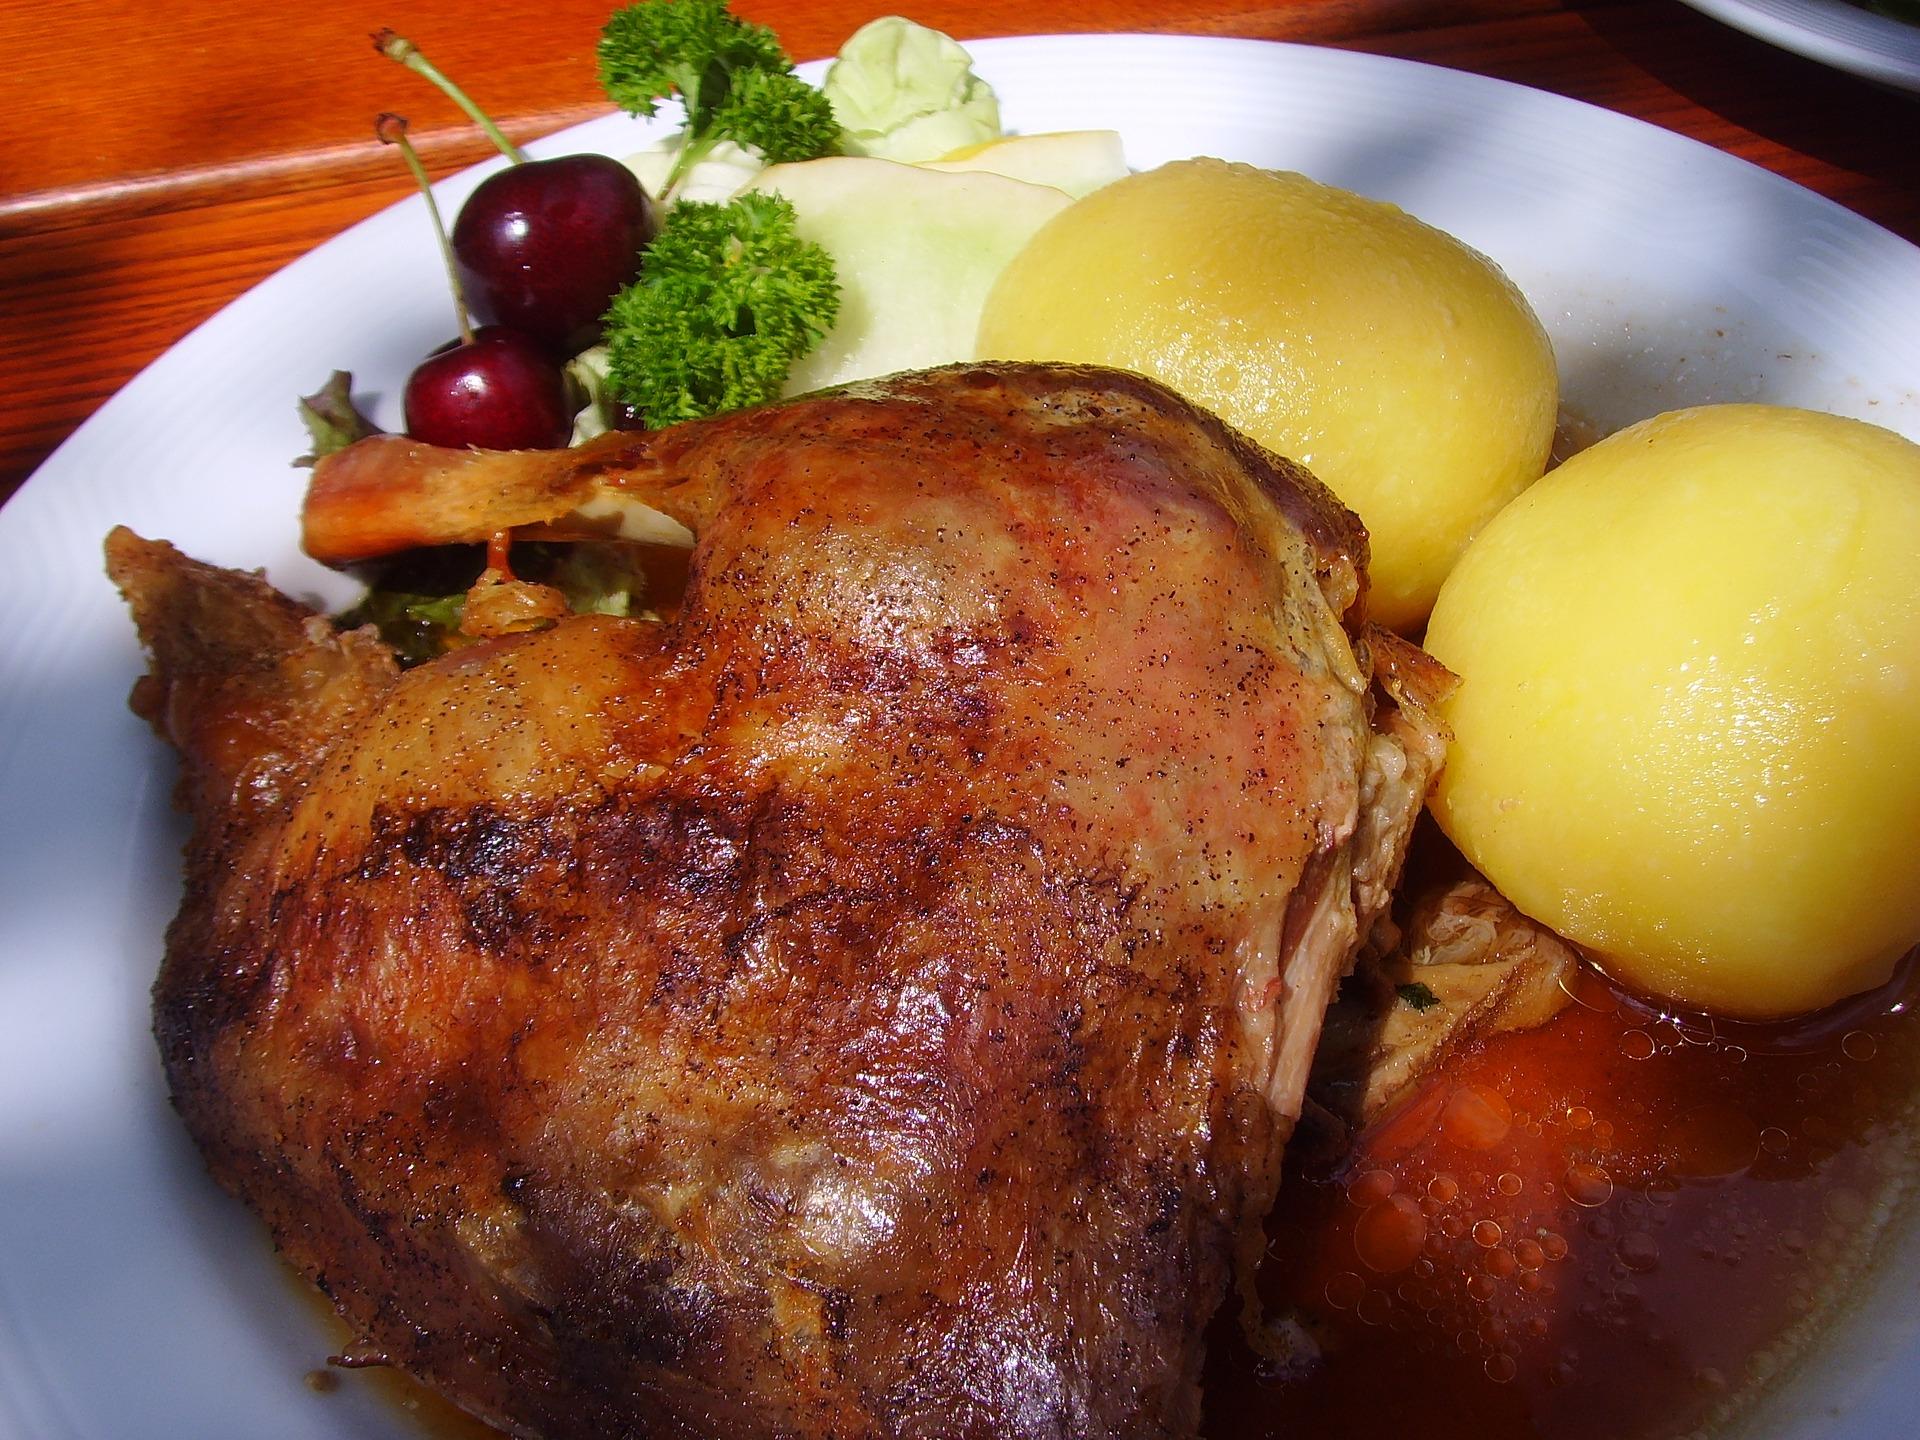 Lecker essen in Grabow - Hotel Stadt Hamburg Restaurant Deutsche Küche